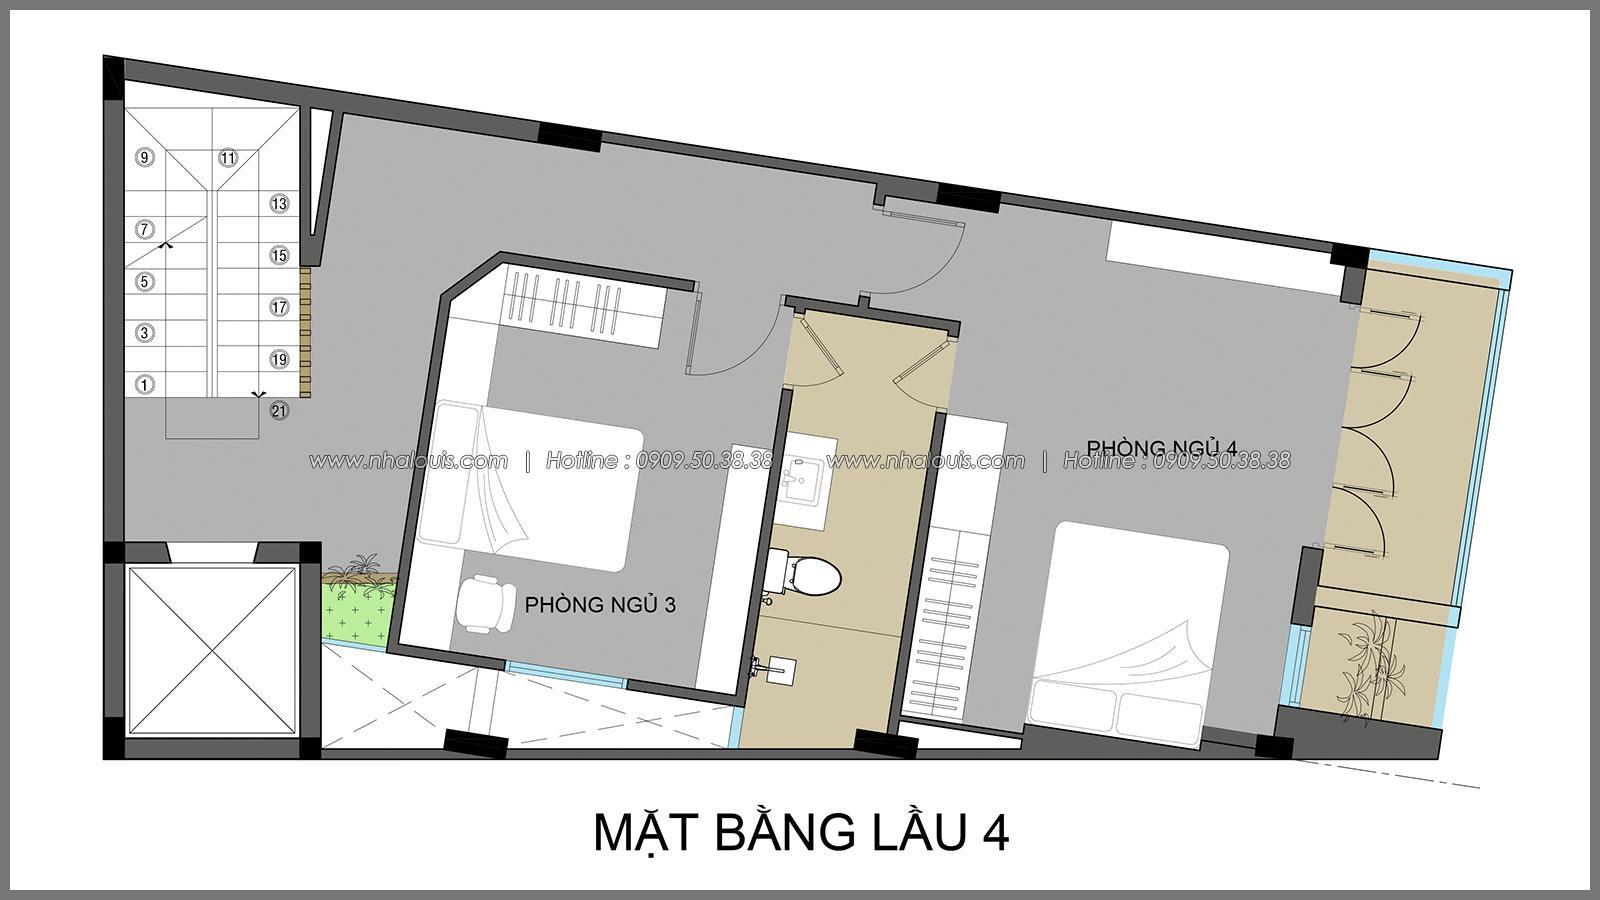 Thi công xây dựng nhà phố 5 tầng kết hợp văn phòng cho thuê ở Quận 1 - 06